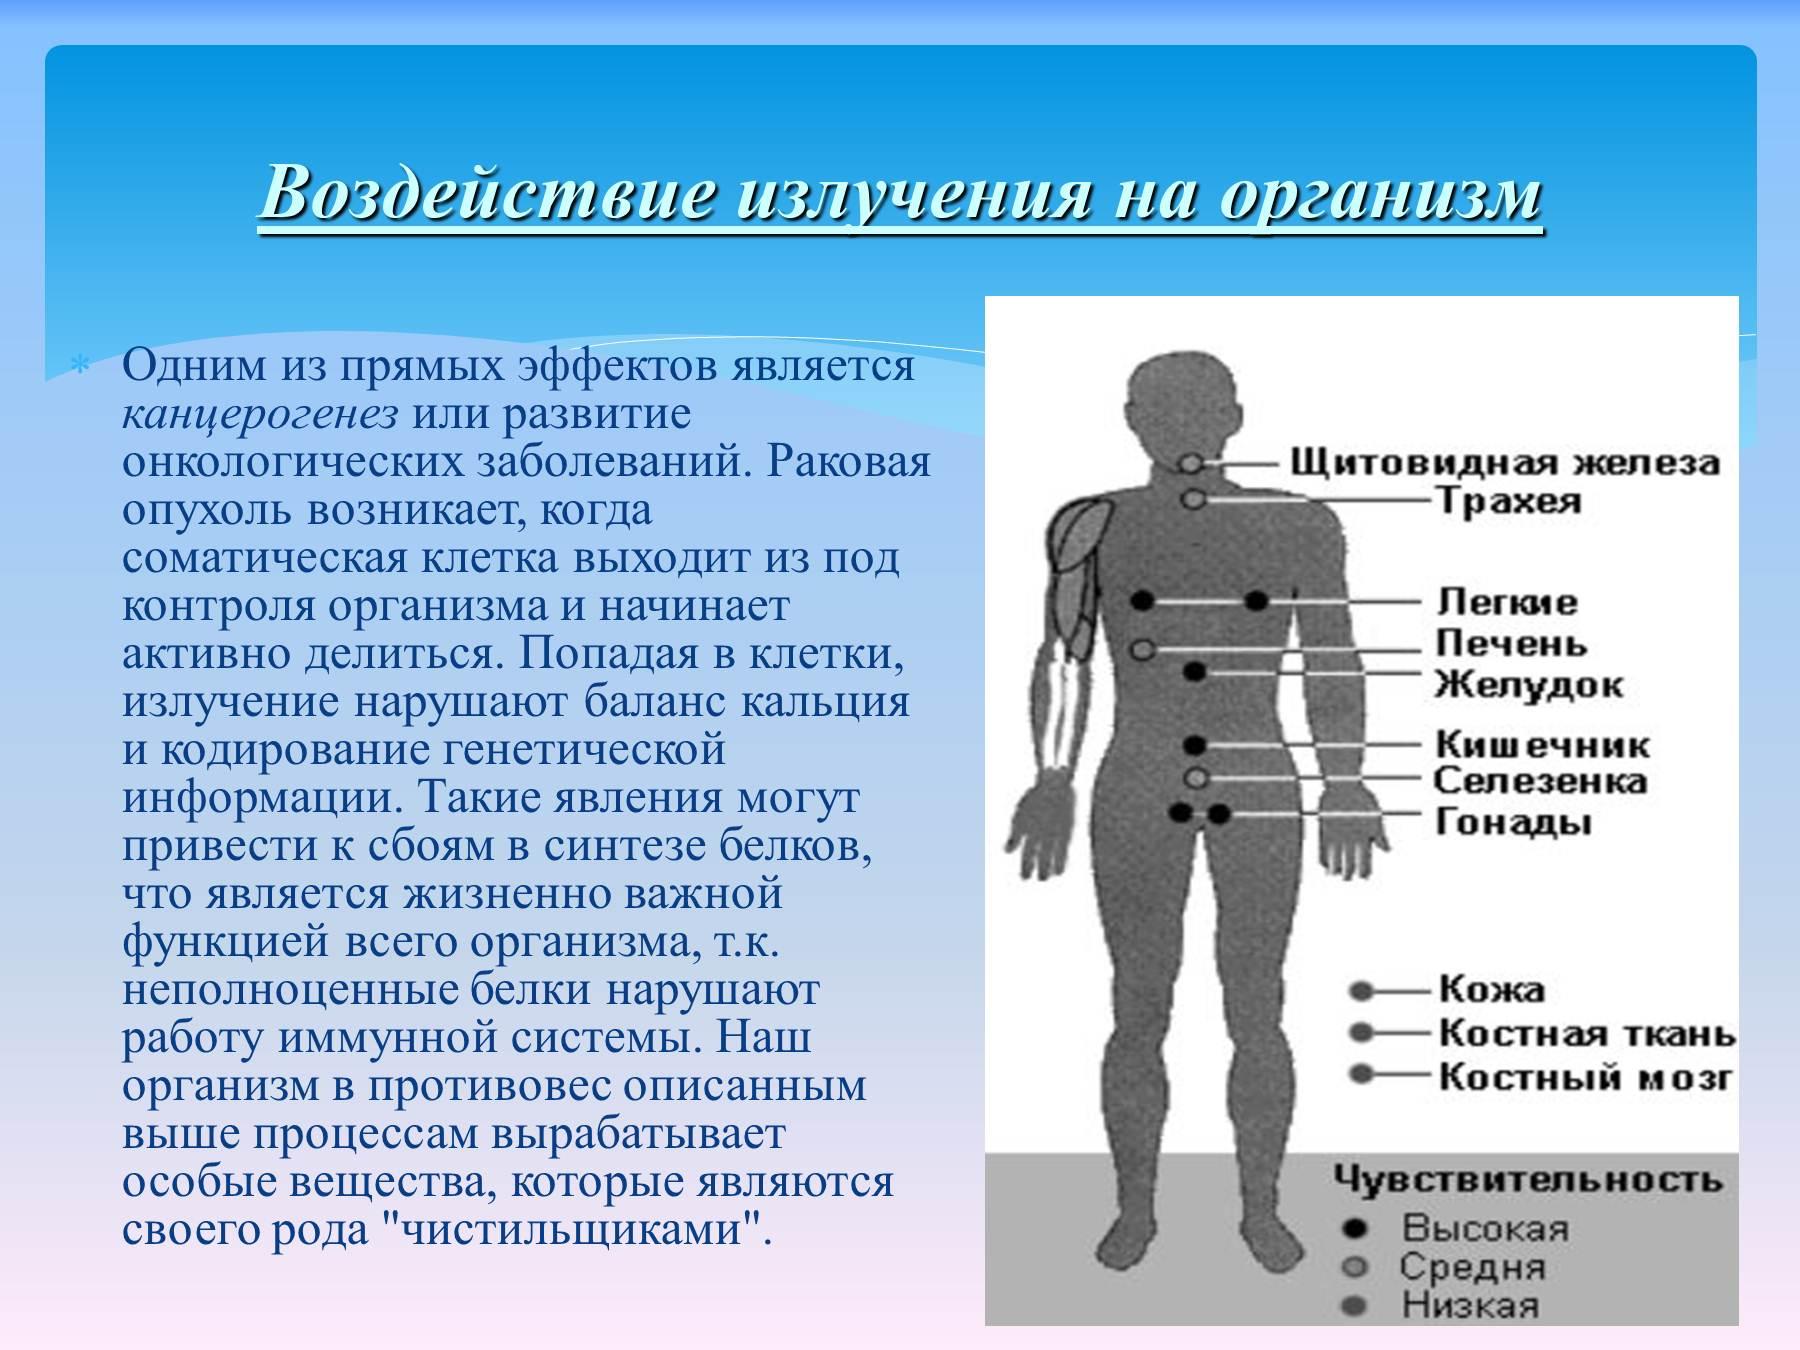 kak-chuvstvuetsya-orgazm-u-devushki